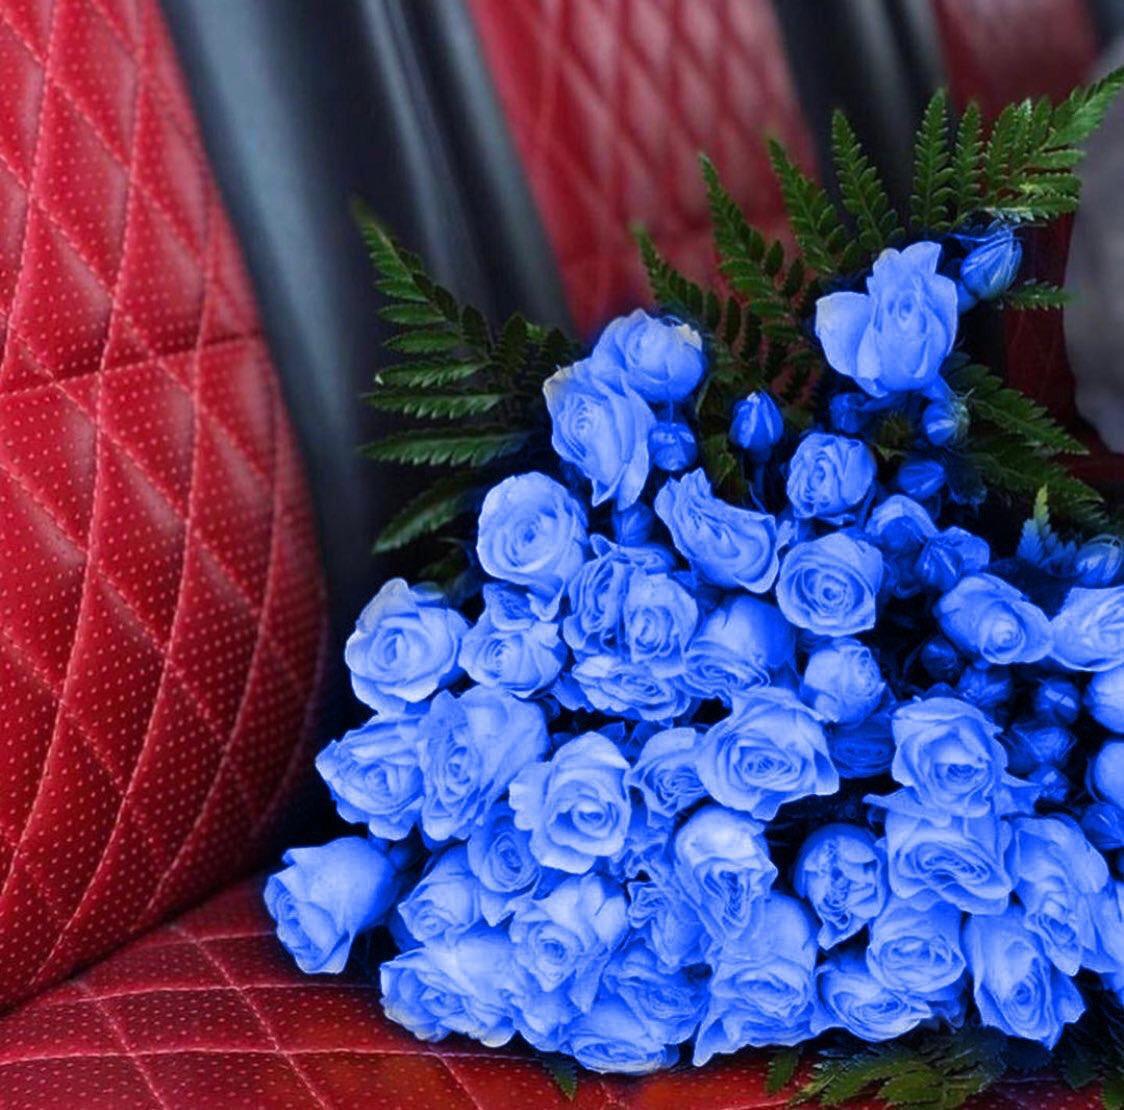 أزرق Blue On Twitter نفسيتي تحتاج باقة ورد لونها أزرق